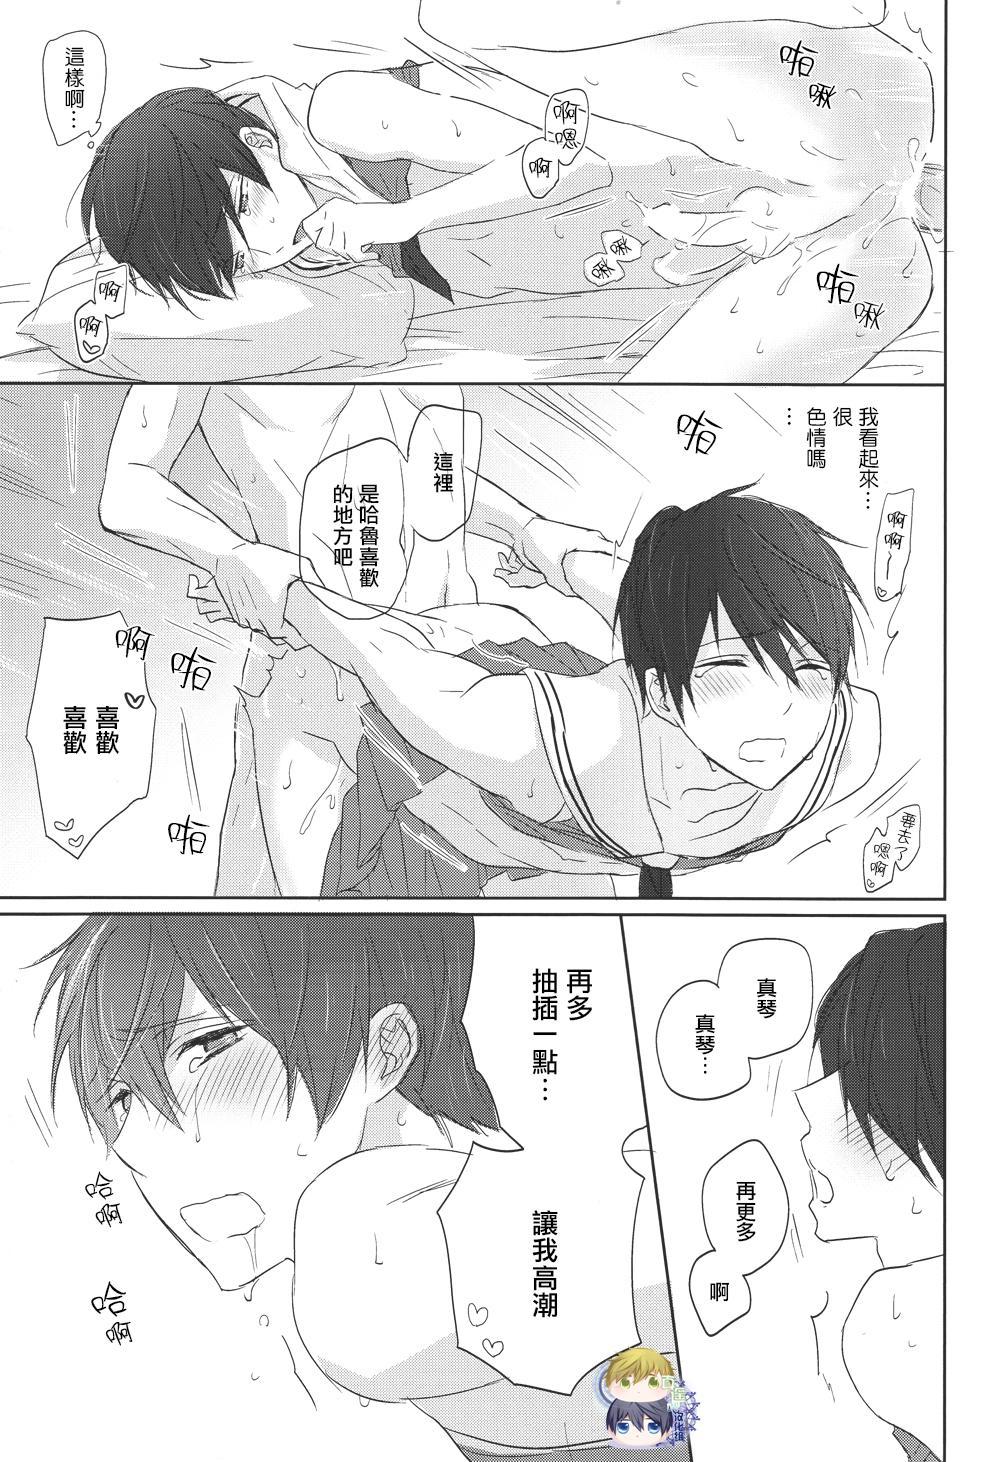 Cheer Haru-chan no Yuuutsu 19